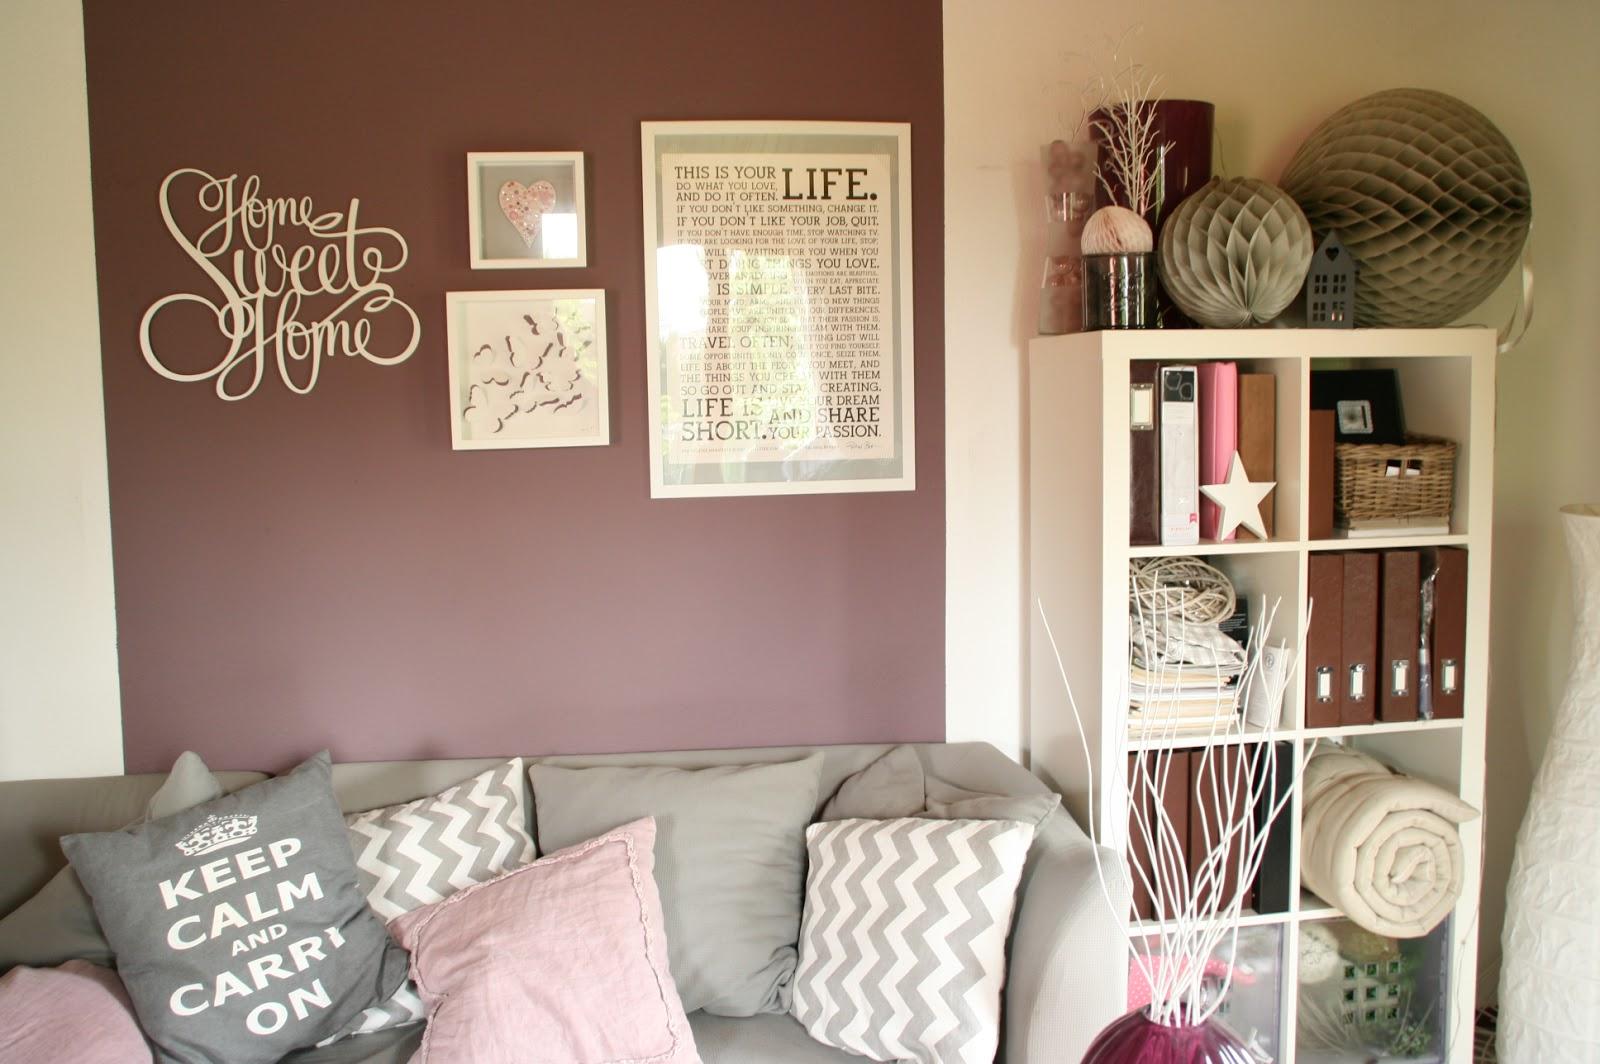 Mein wohnzimmer projekt bilderwand made by - Bilderwand wohnzimmer ...